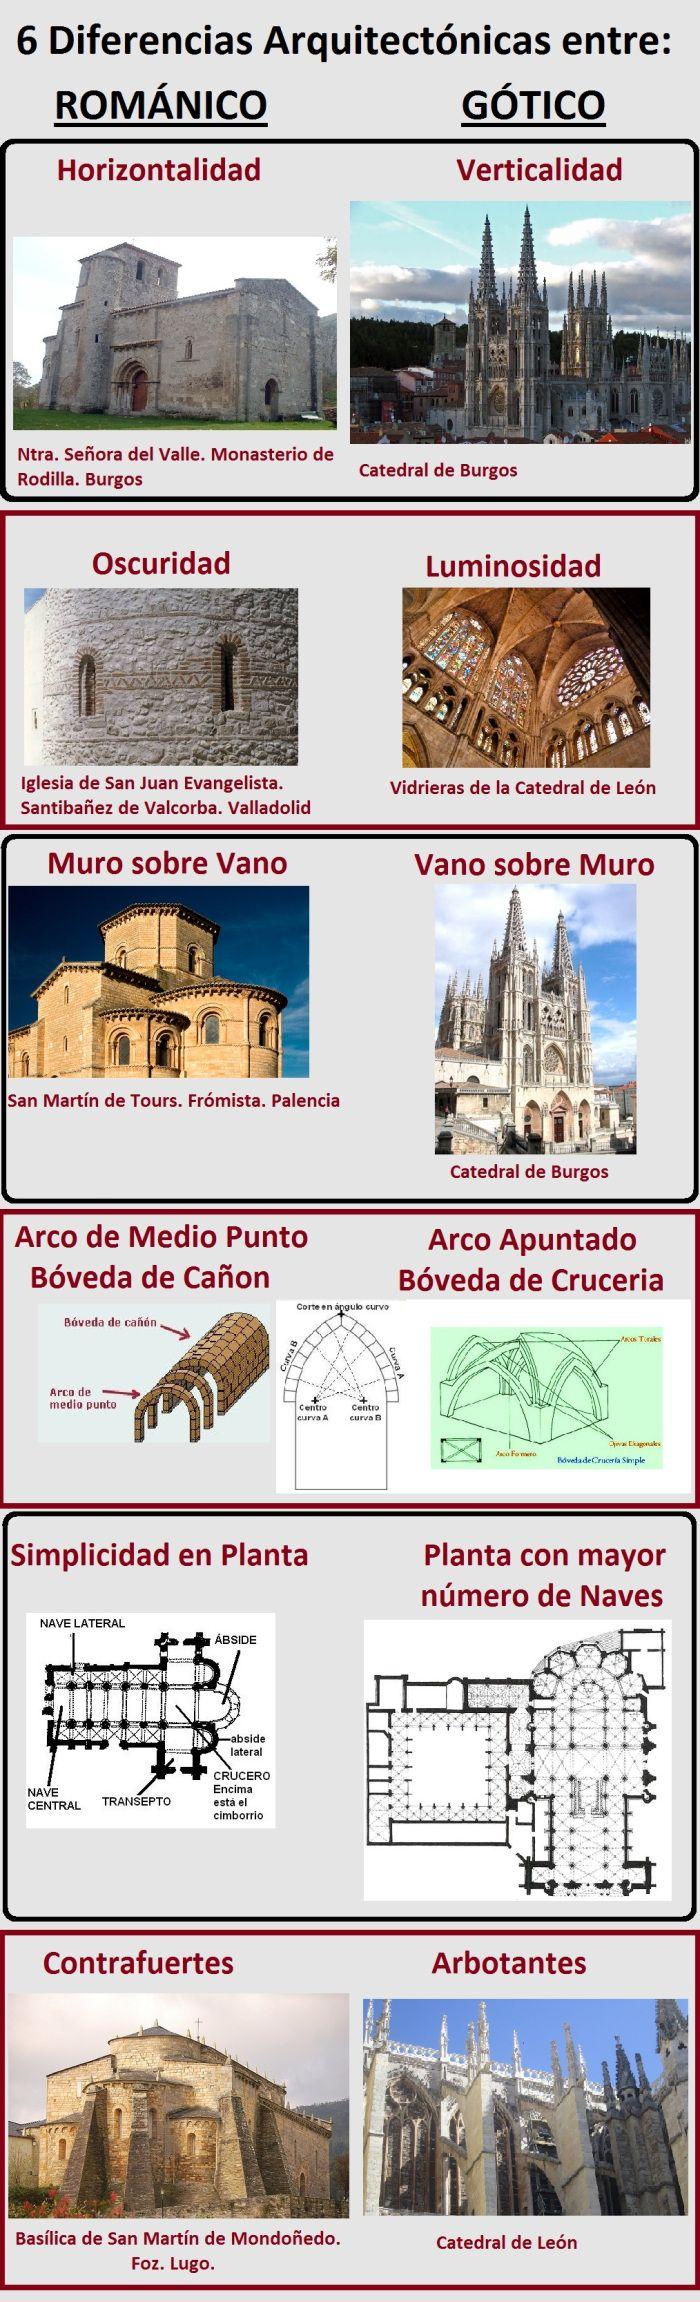 180 Ideas De Kunstgeschichte Historia De La Arquitectura Clases De Historia Del Arte Historia Del Arte